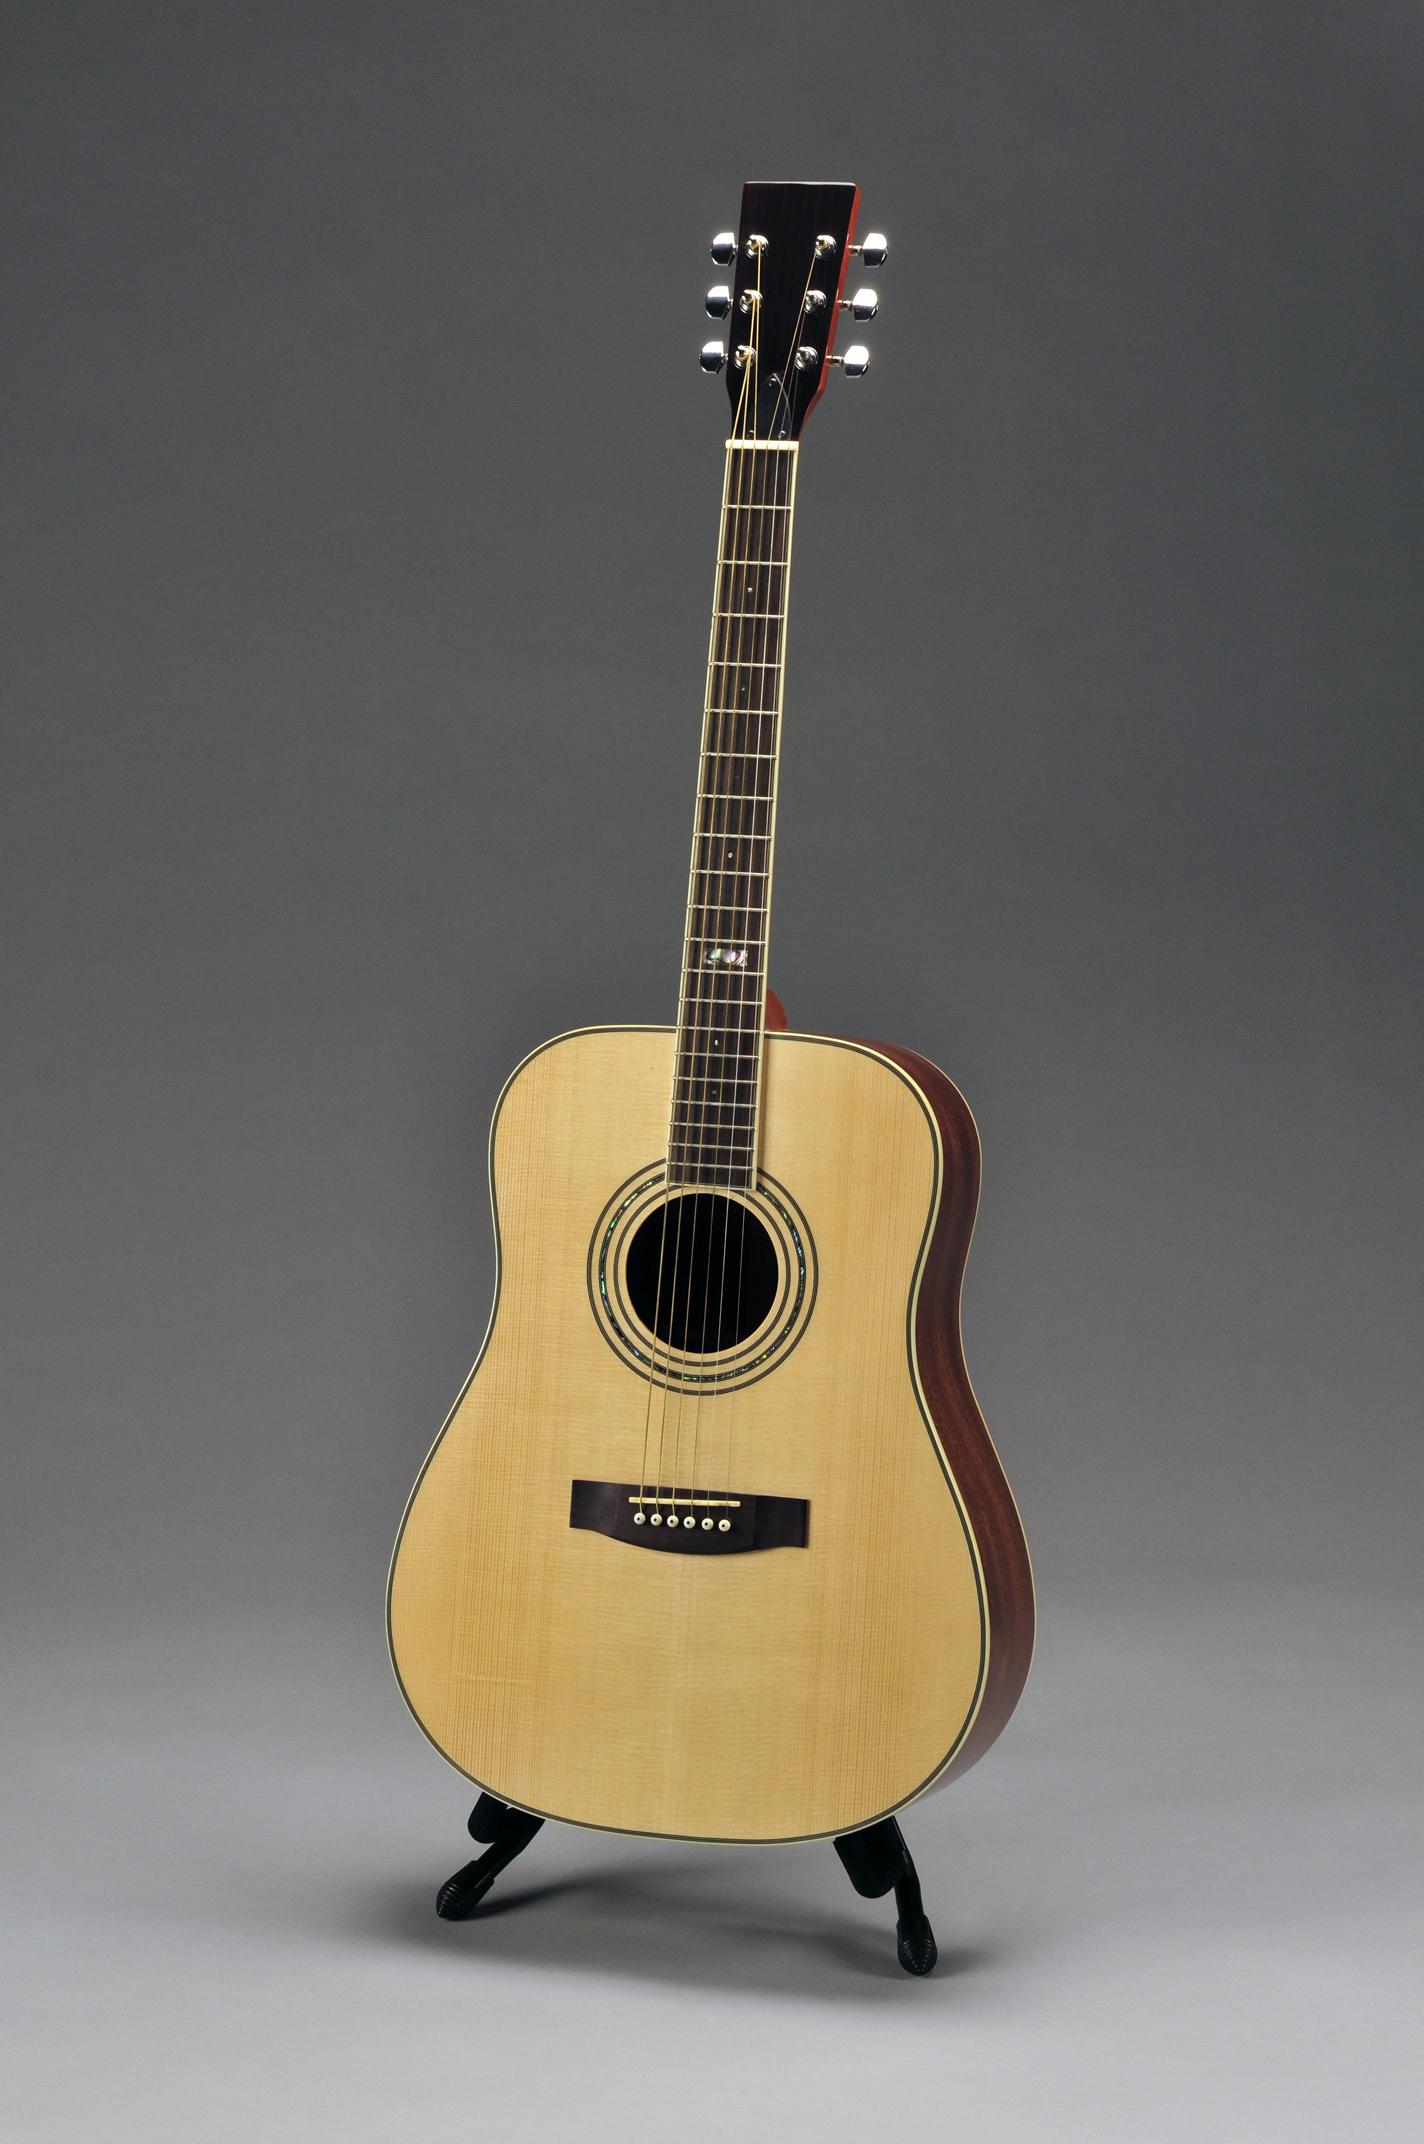 5c7a7a86a86 US Guitar Kits Acoustic Guitar Building Kits and Tools